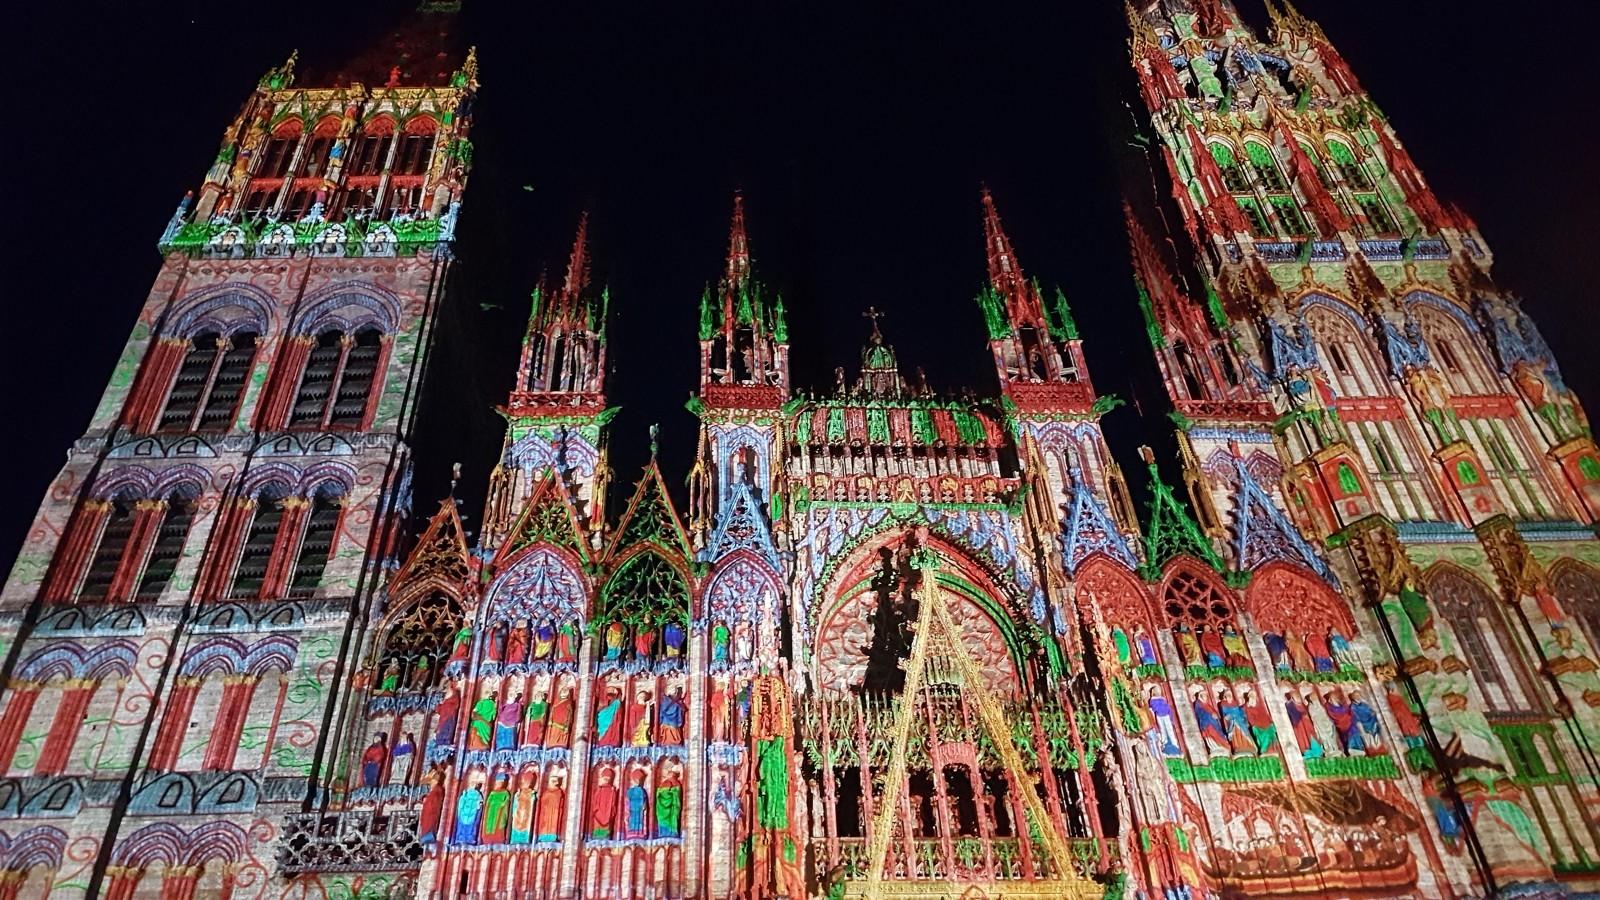 Cathédrale de lumière à Rouen à l'occasion d'une fête médiévale - DR : Séverine Frères / Normandie Tourisme